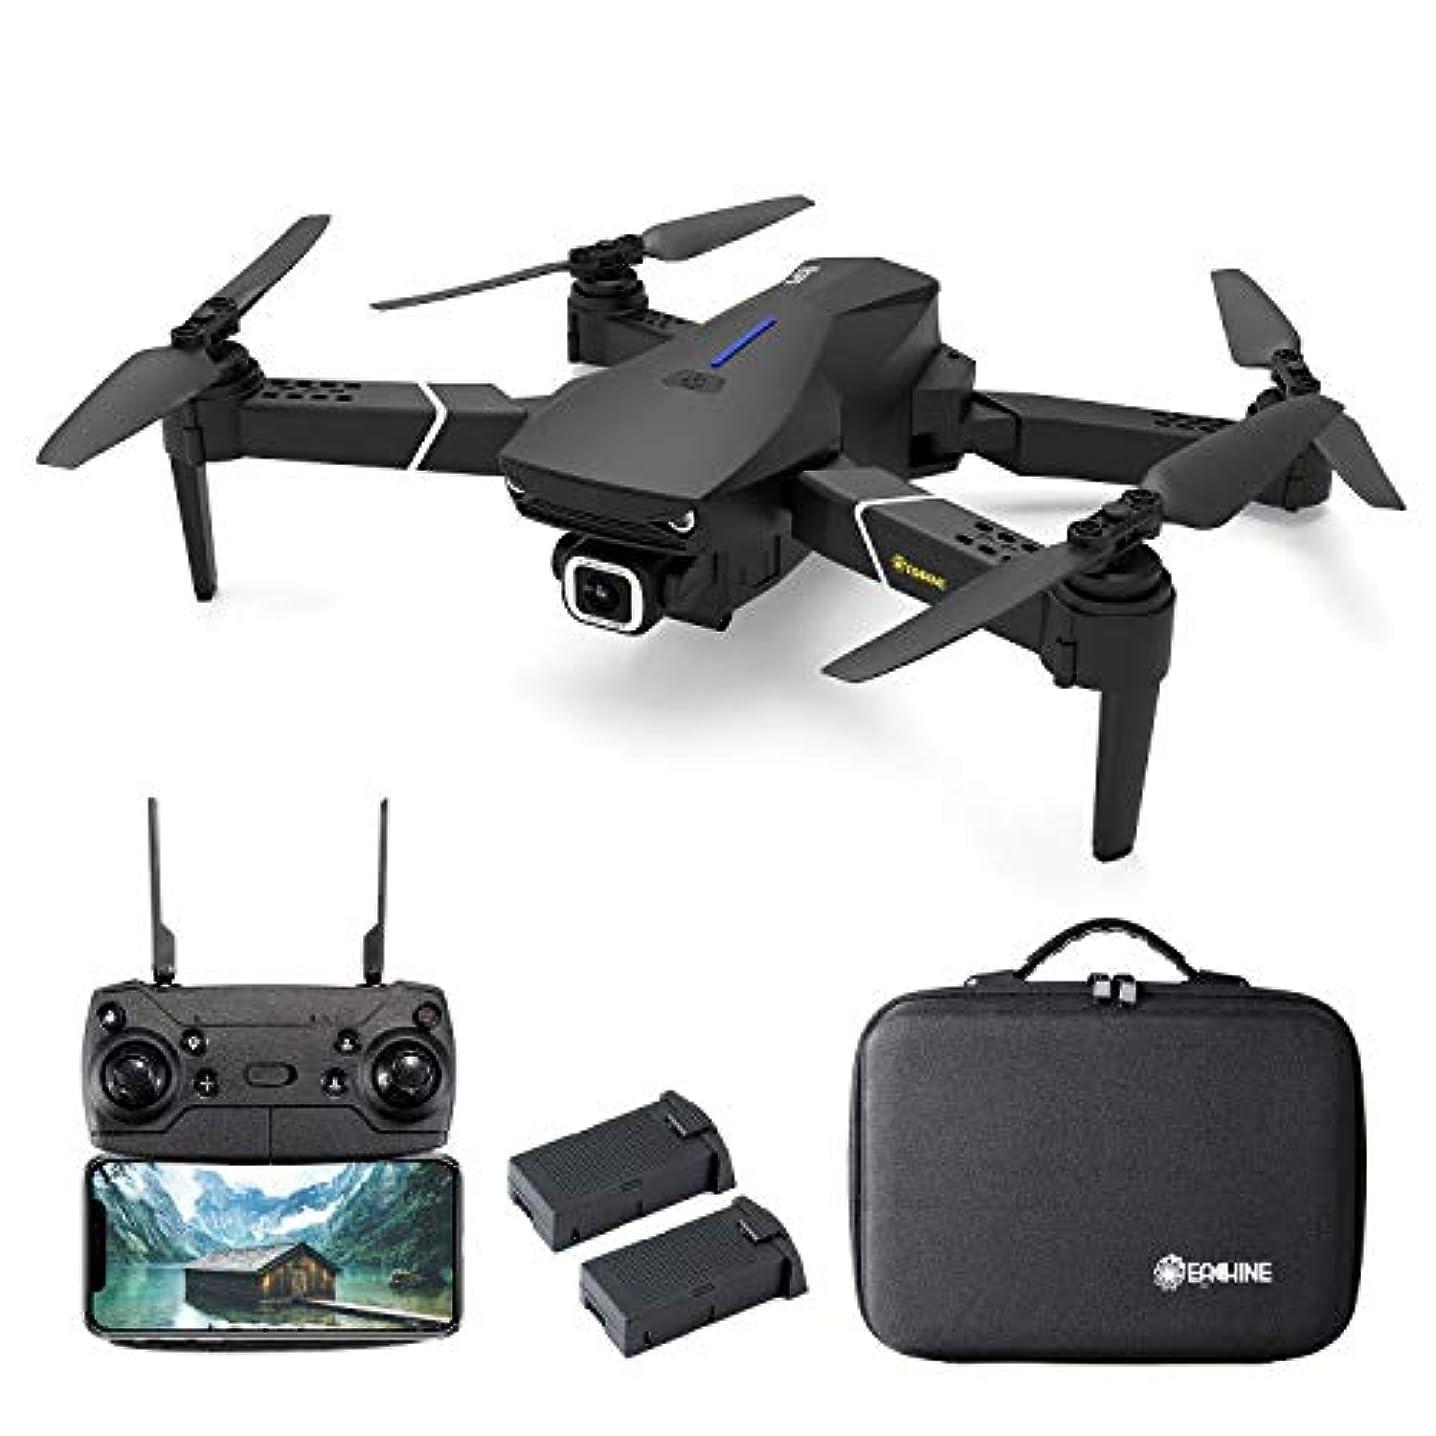 アクティブ当社郵便屋さんEACHINE ドローン カメラ付き GPS搭載 4K 広角HDカメラ 最大飛行時間32分 バッテリー2個 フォローミーモード リターンモード 自動的に高度維持 空撮 おりたたみ式 収納ケース付き ブラック 国内認証済み E520S